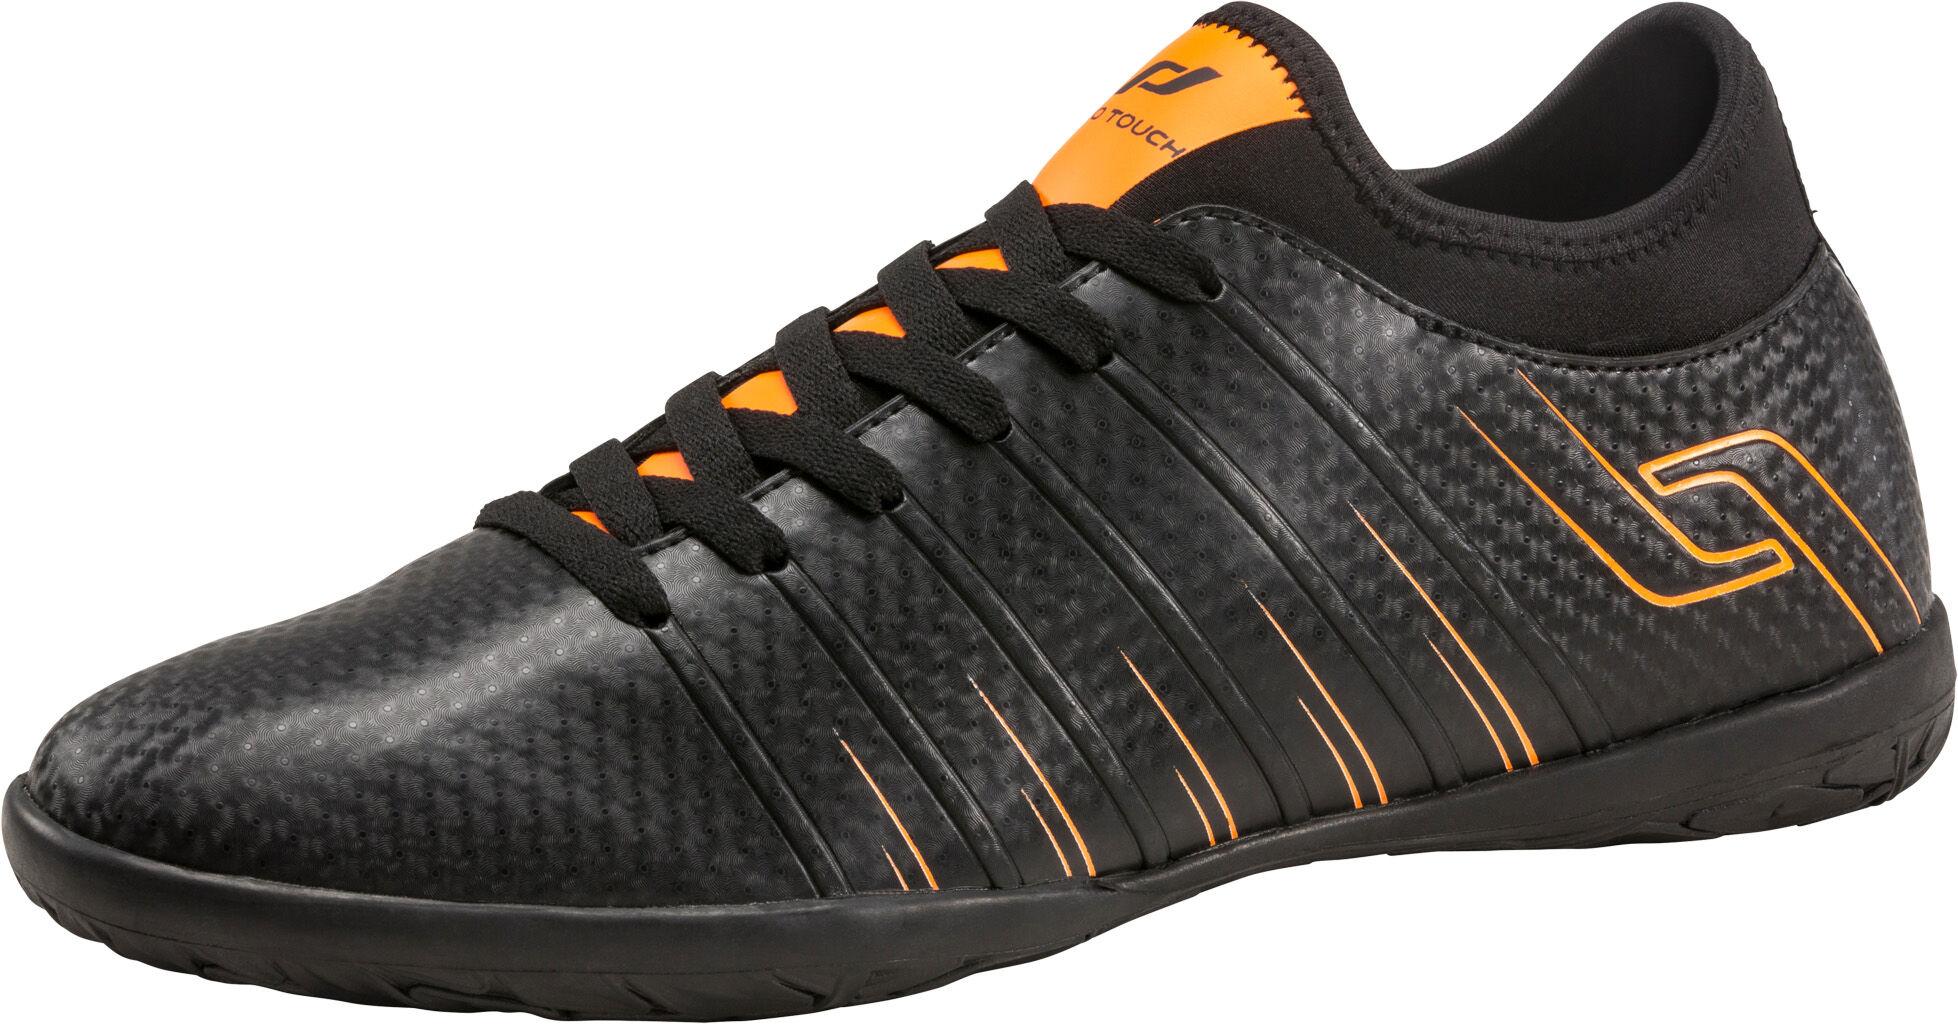 Adidas BT Feather Férfi cipő, Piros, 39,3